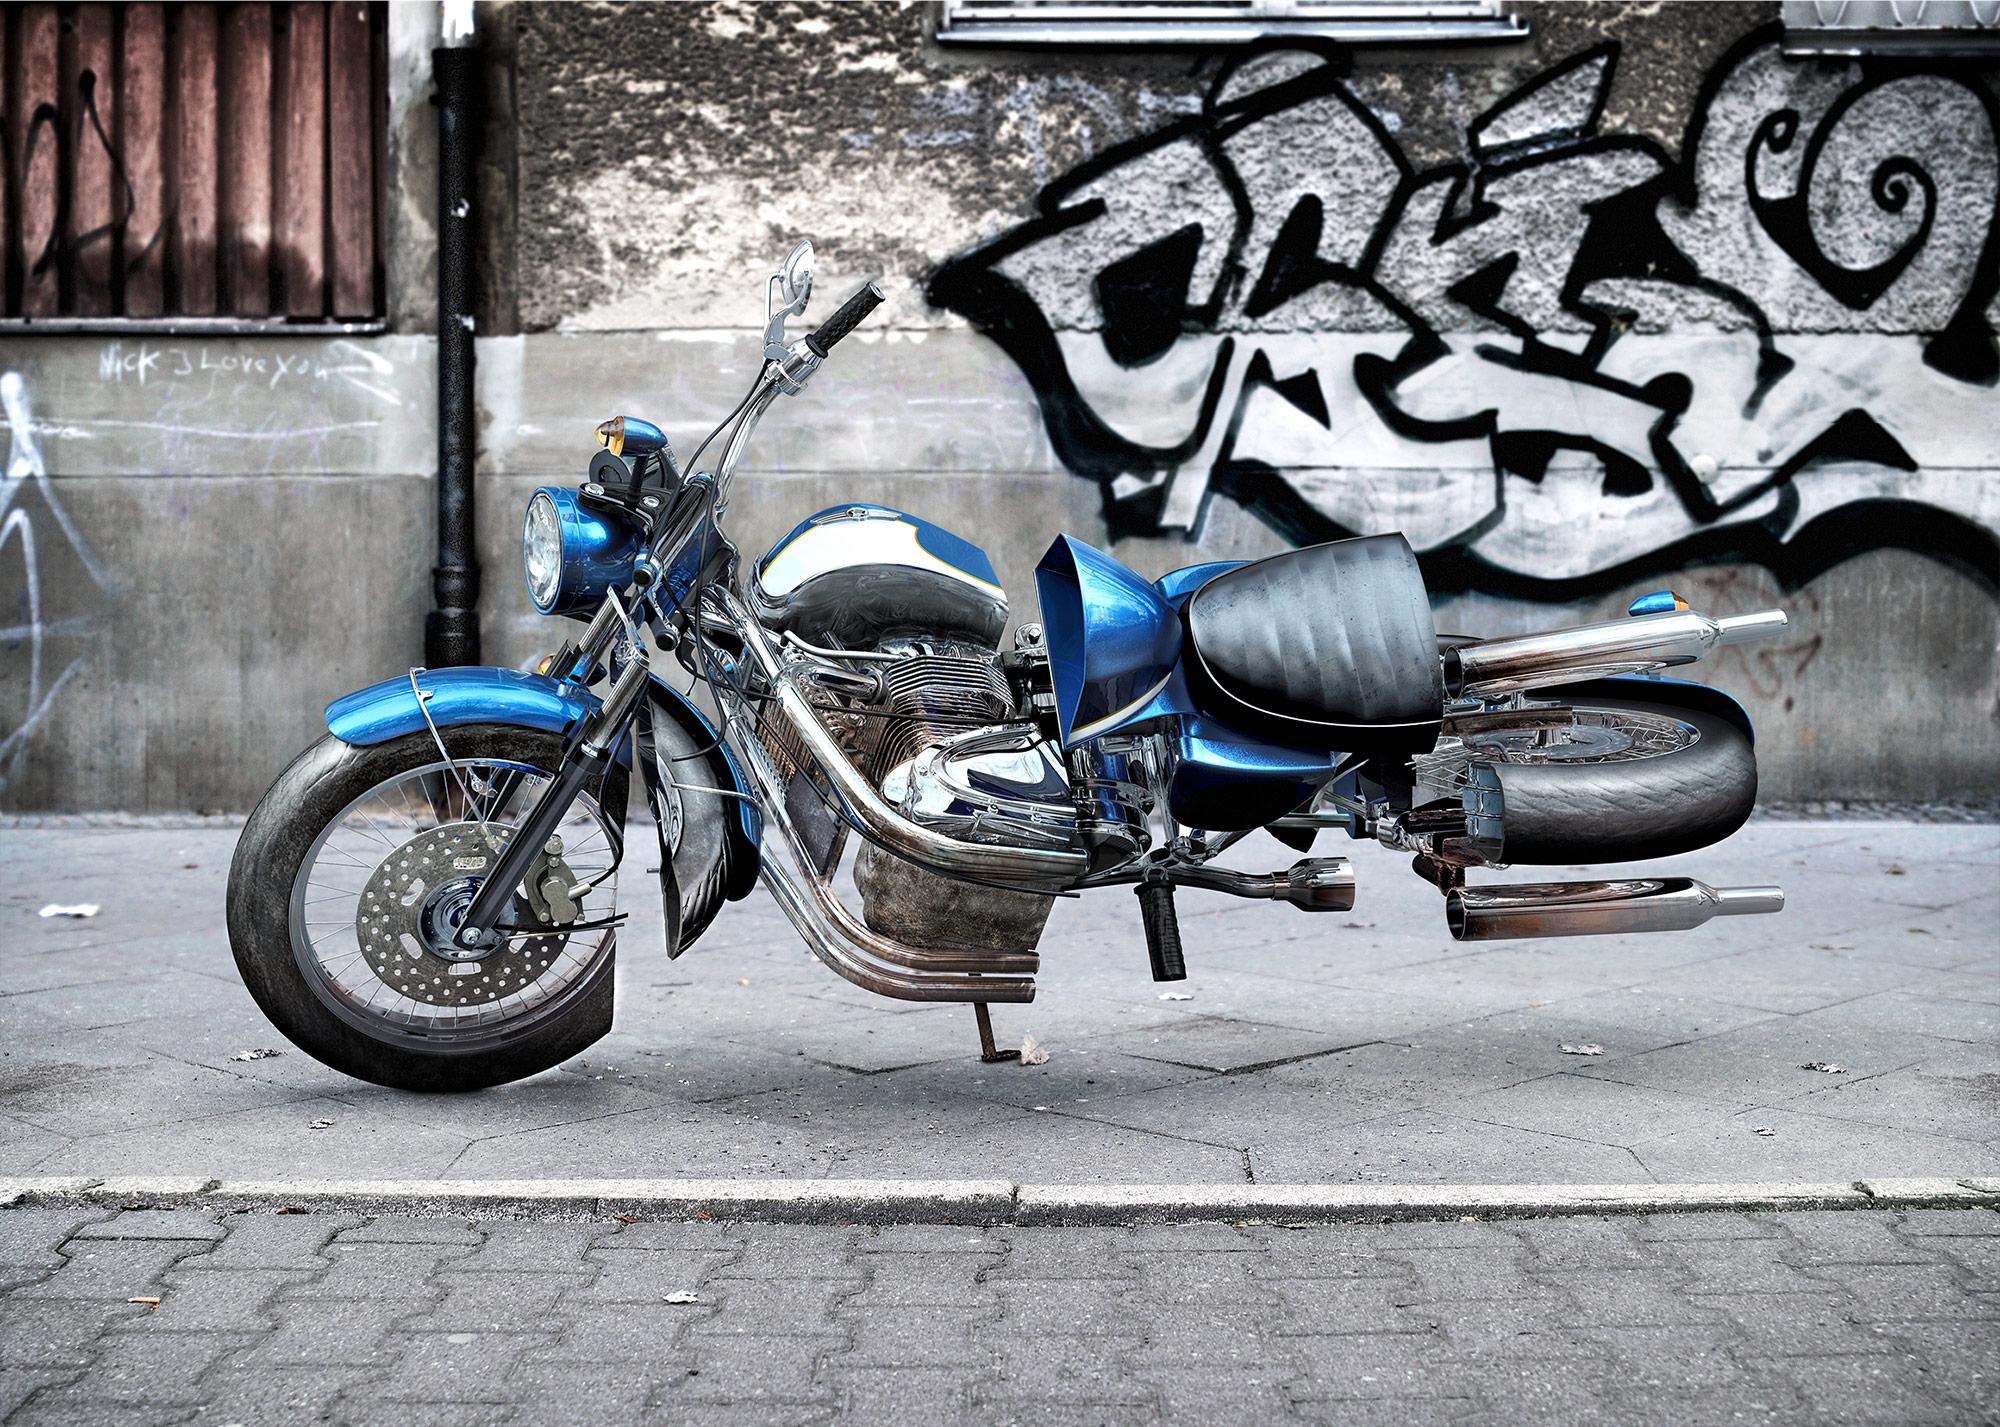 CGI Rendering 3d Transportation Bikeking24 Classic verdreht Motorrad twisted bikes HDRI Backplate Sphere Idris Kolodziej